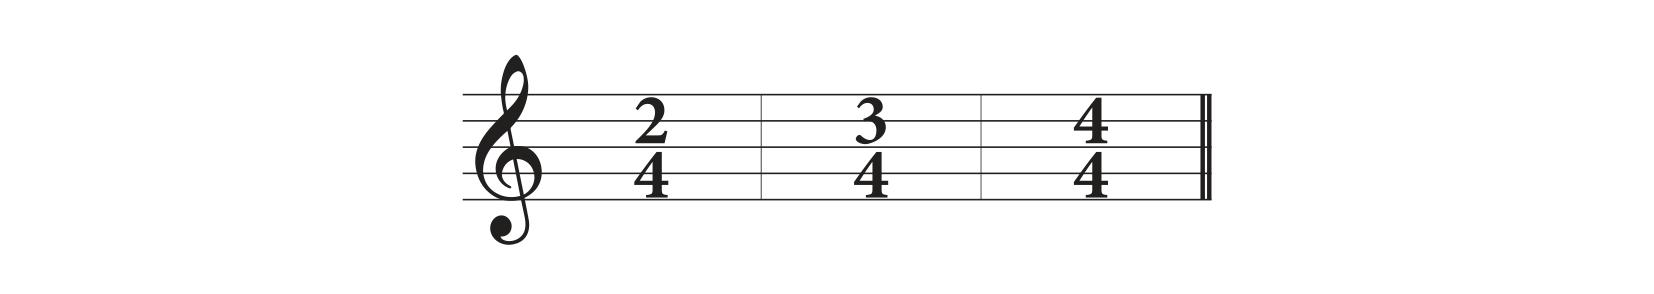 ilustração de clave de sol com marcações de dois quartos, três quartos e quatro quartos.